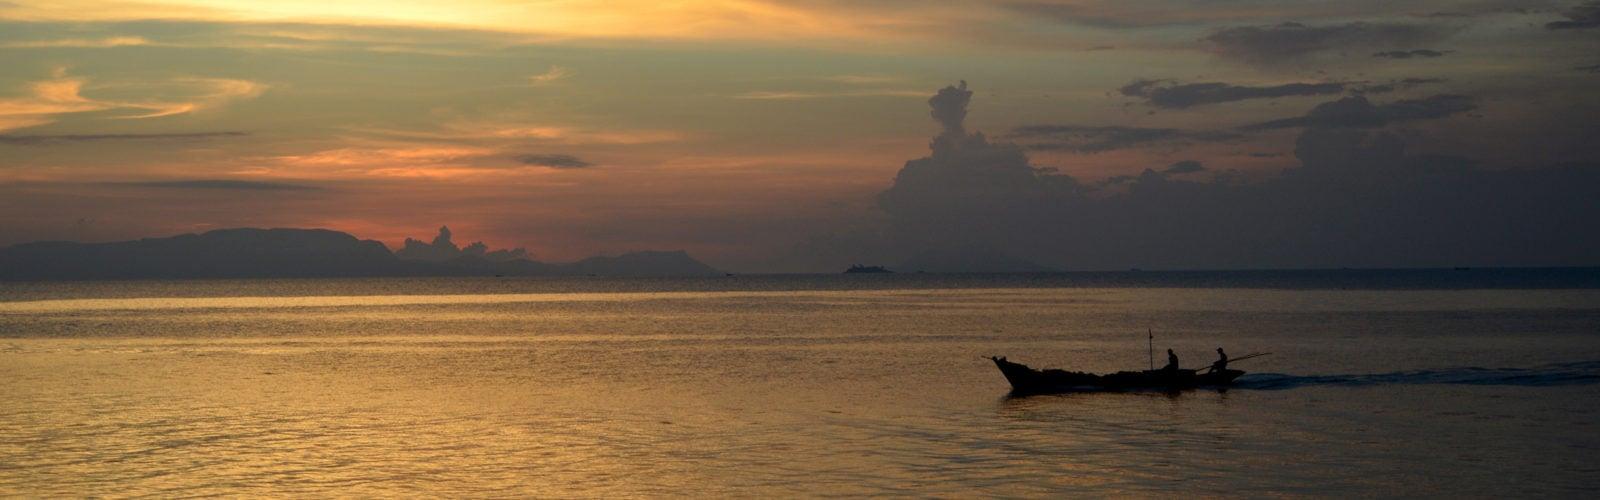 kep-cambodia-sunset